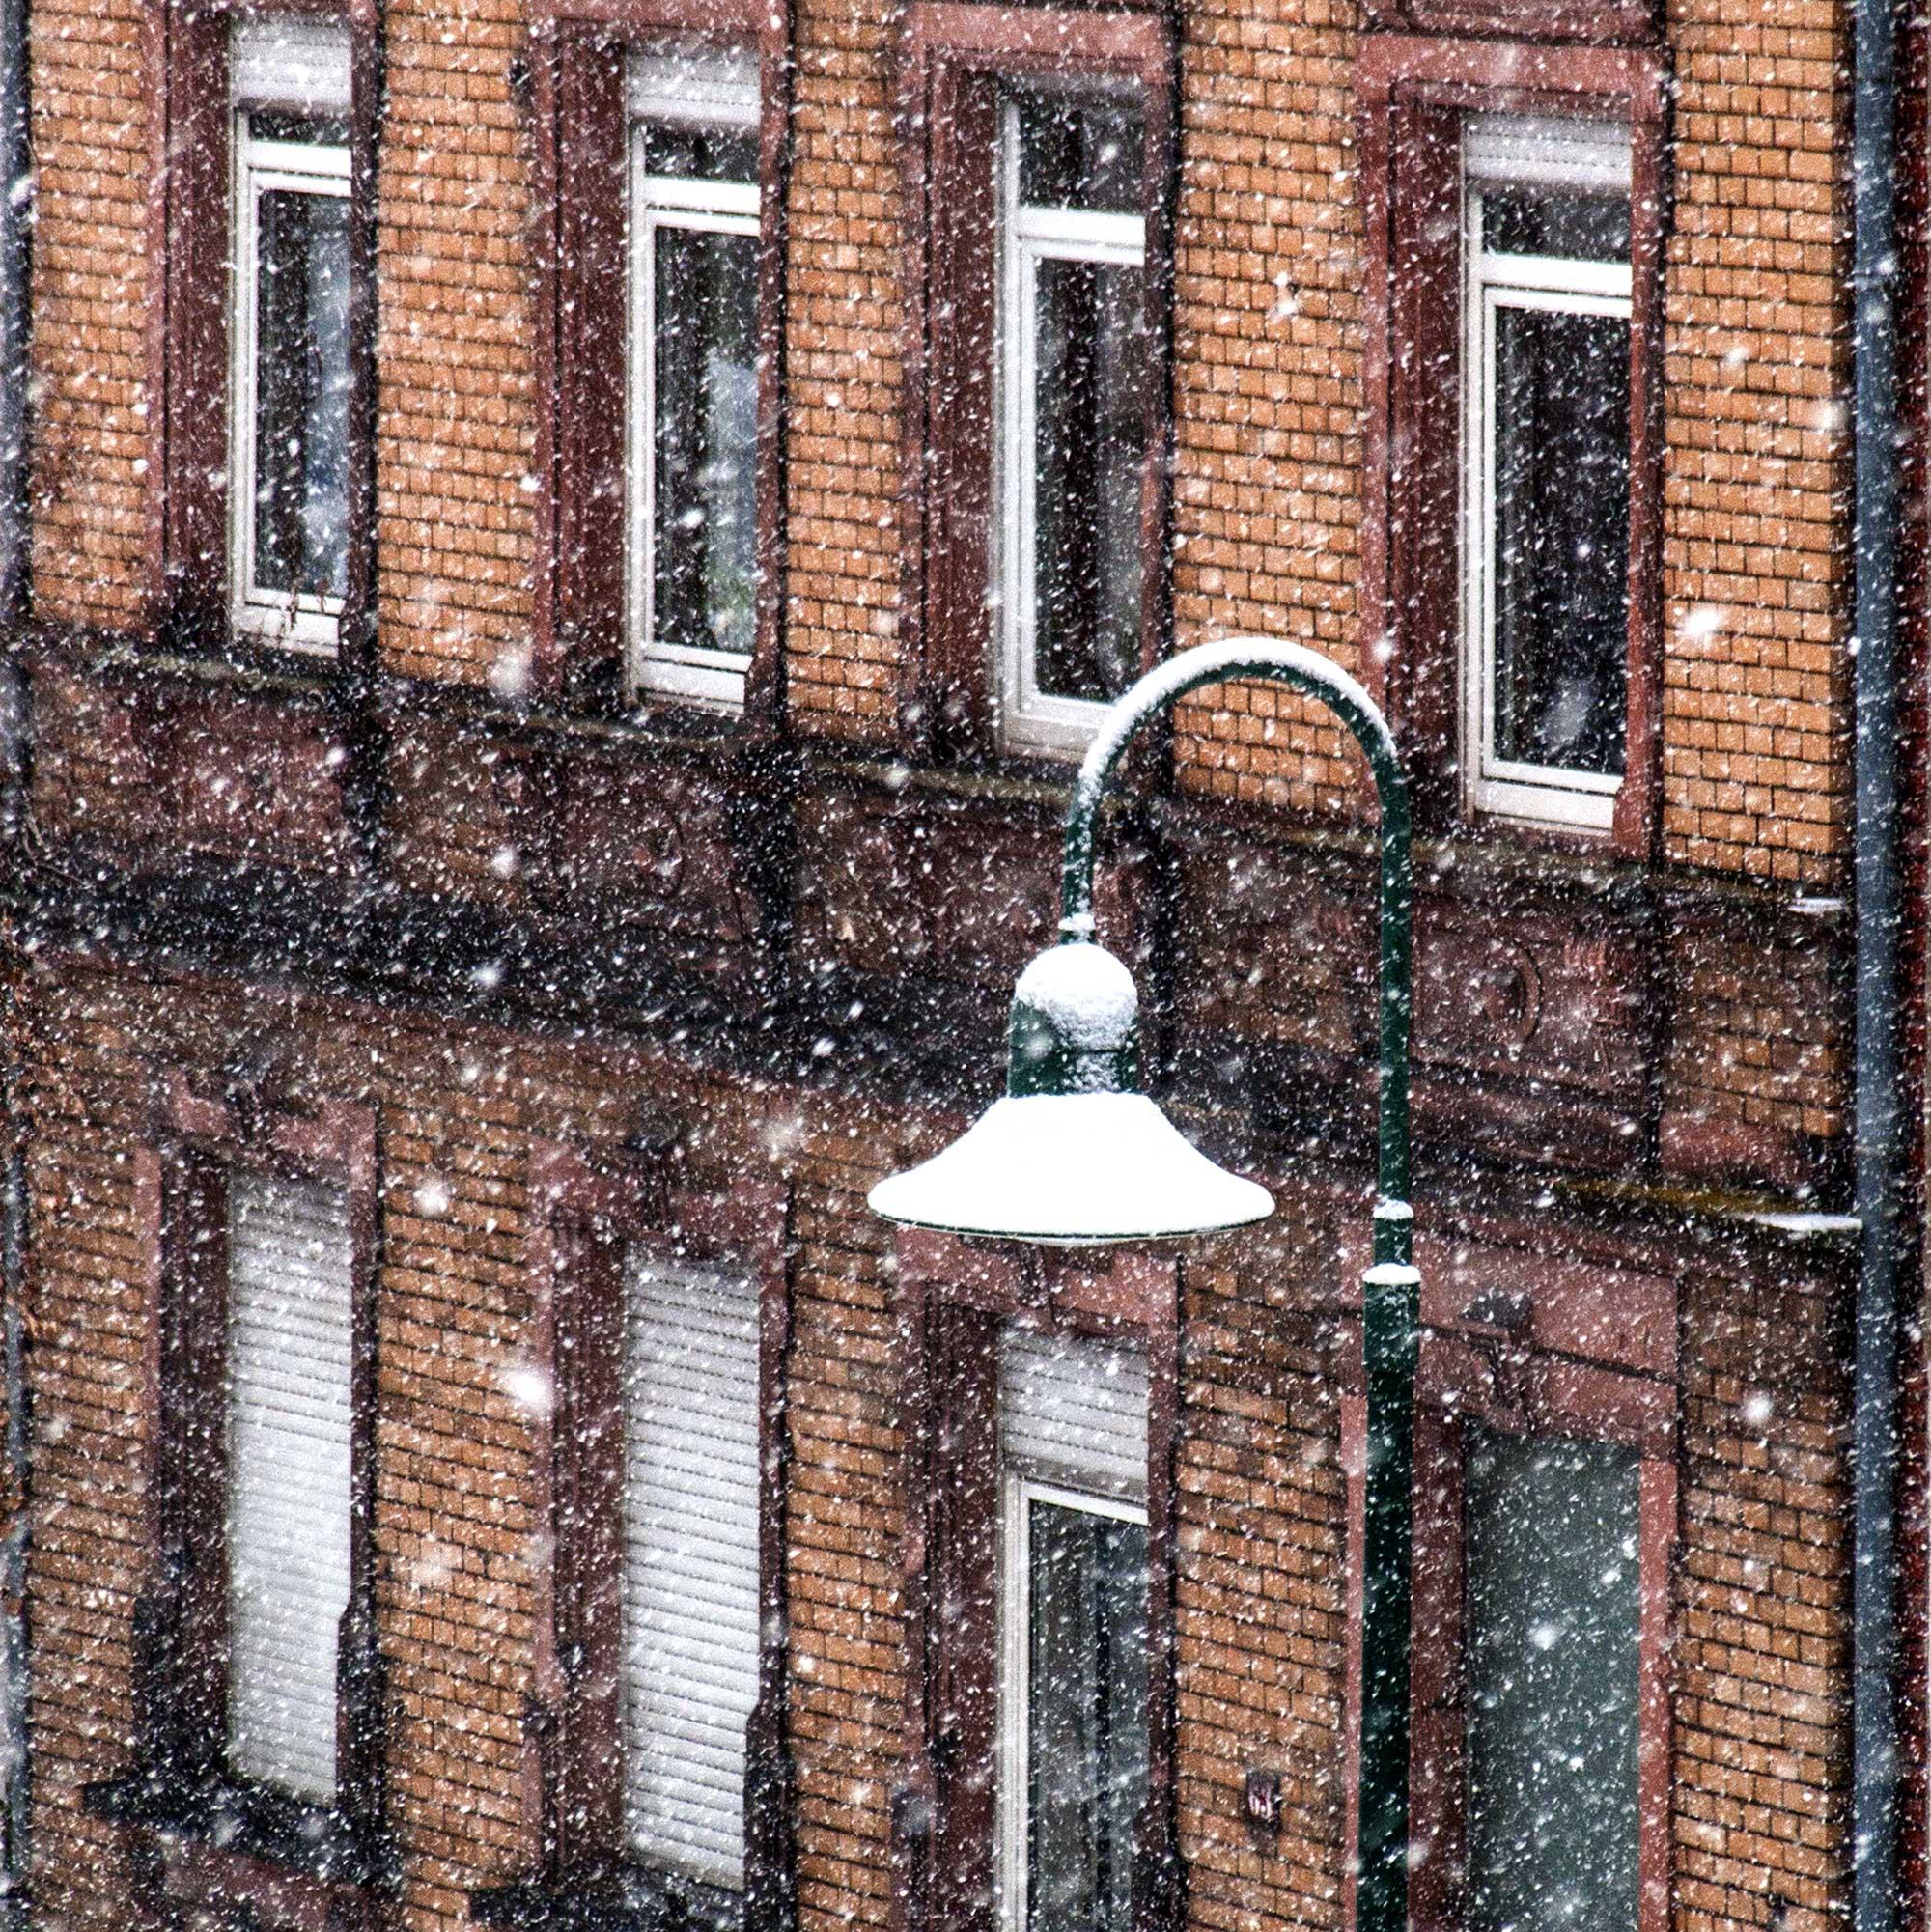 Dezember im Johannesviertel in Darmstadt